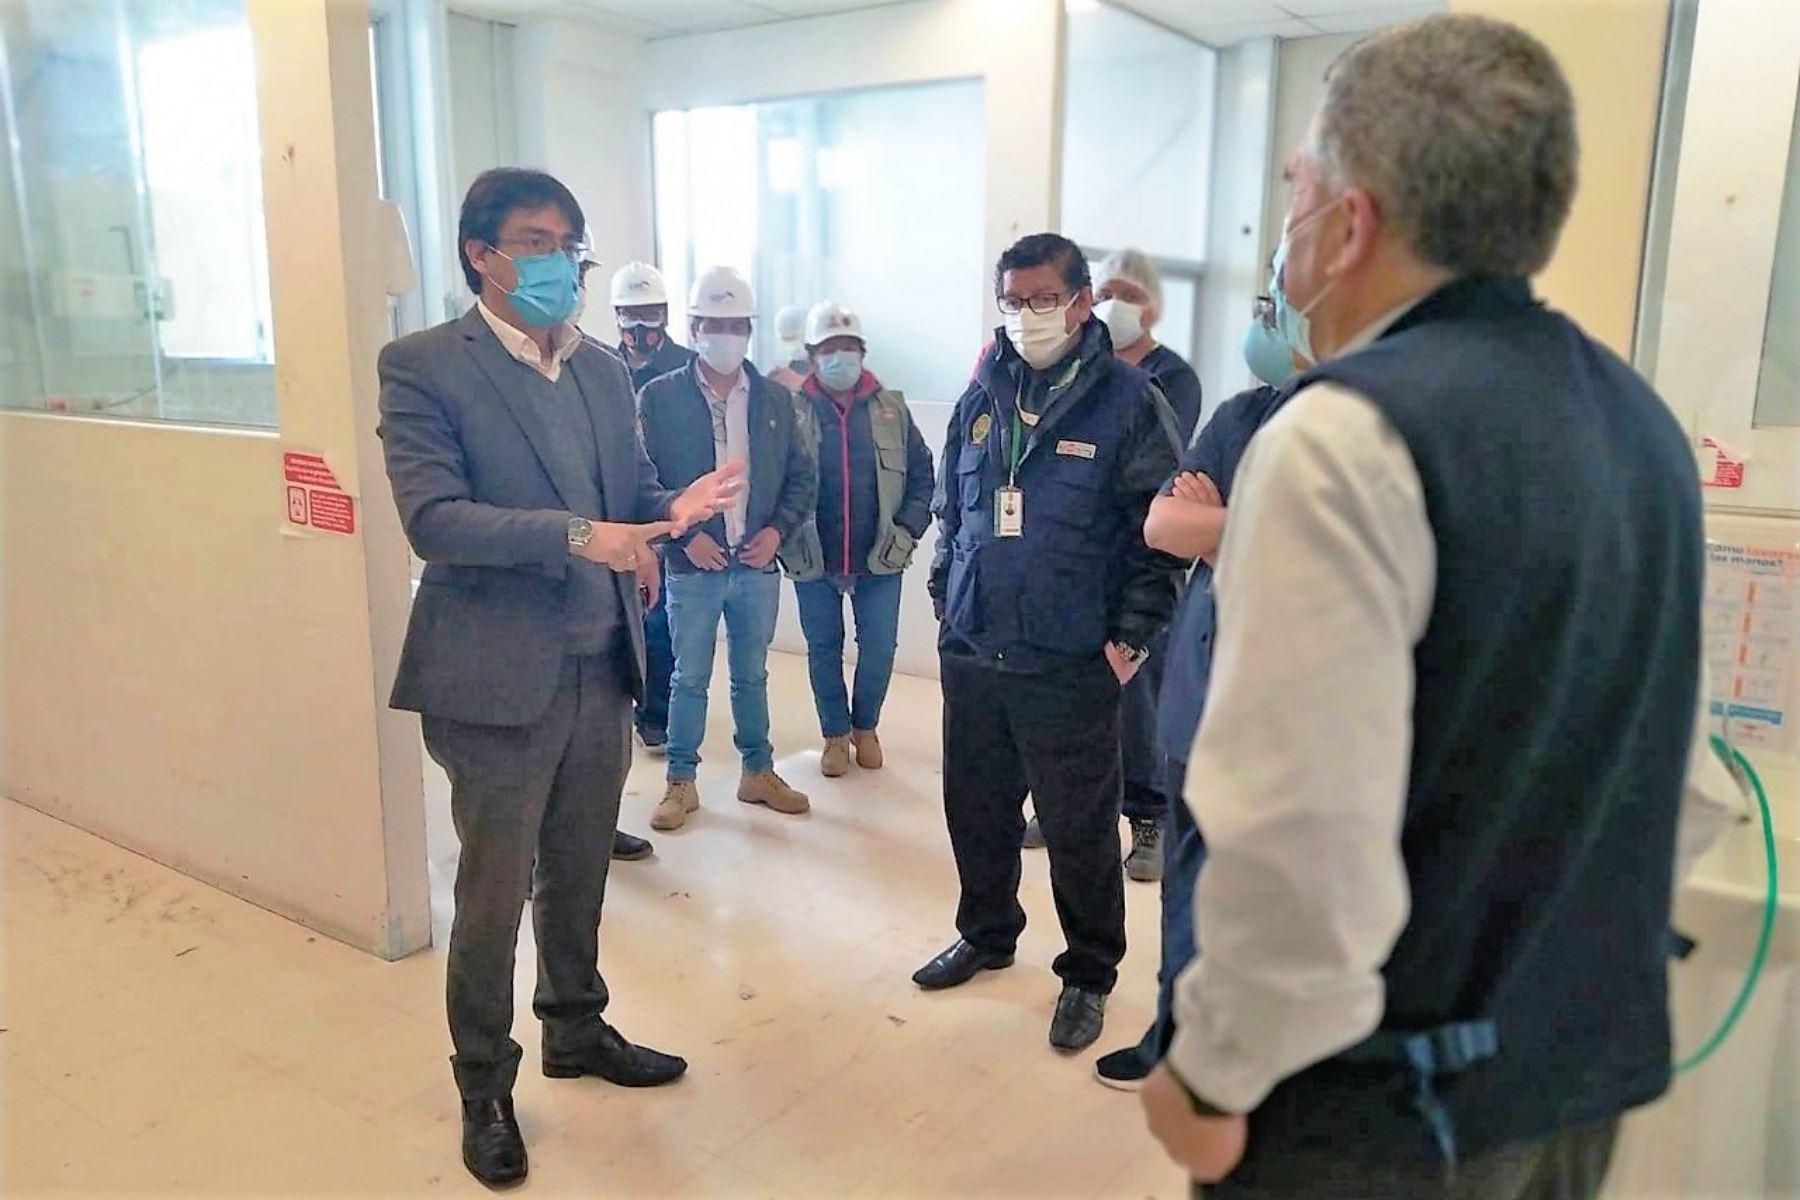 Gobernador regional de Cusco, Jean Paul Benavente, inspecciona los ambientes donde se instalarán camas UCI para atender a pacientes críticos de covid-19. Foto: ANDINA/Difusión